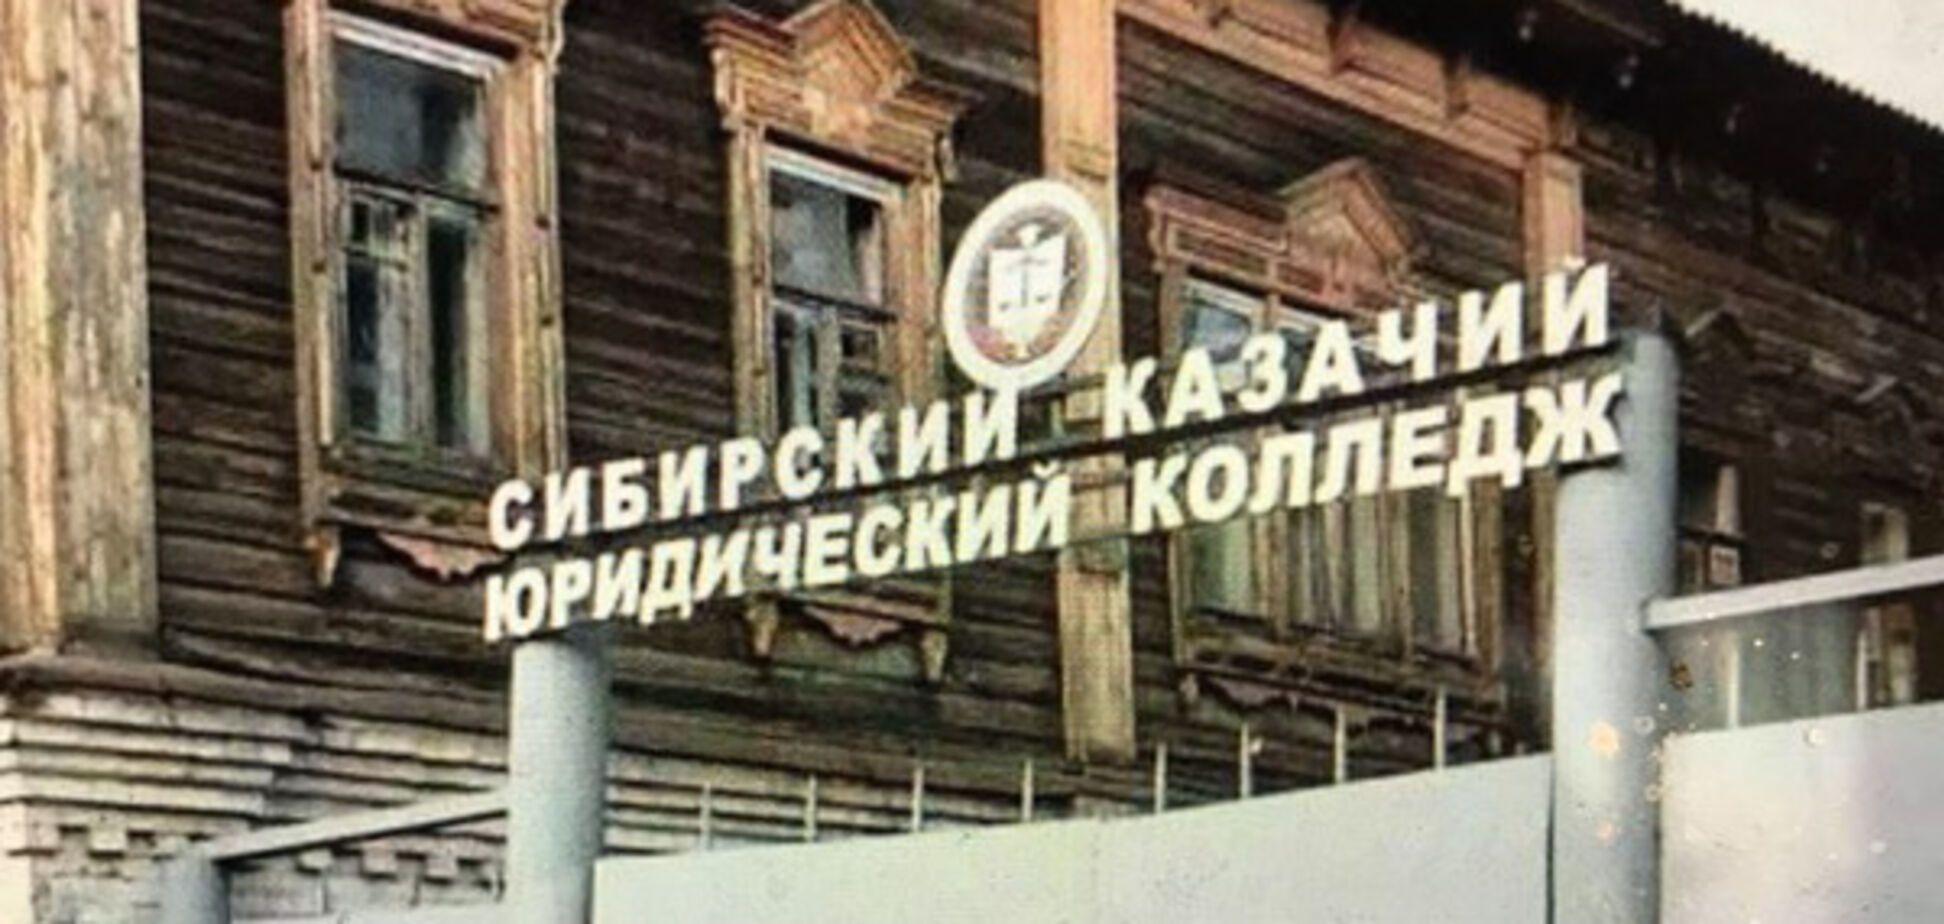 'Каждый может писать на заборе': в Украине потроллили 'умных и начитанных' россиян